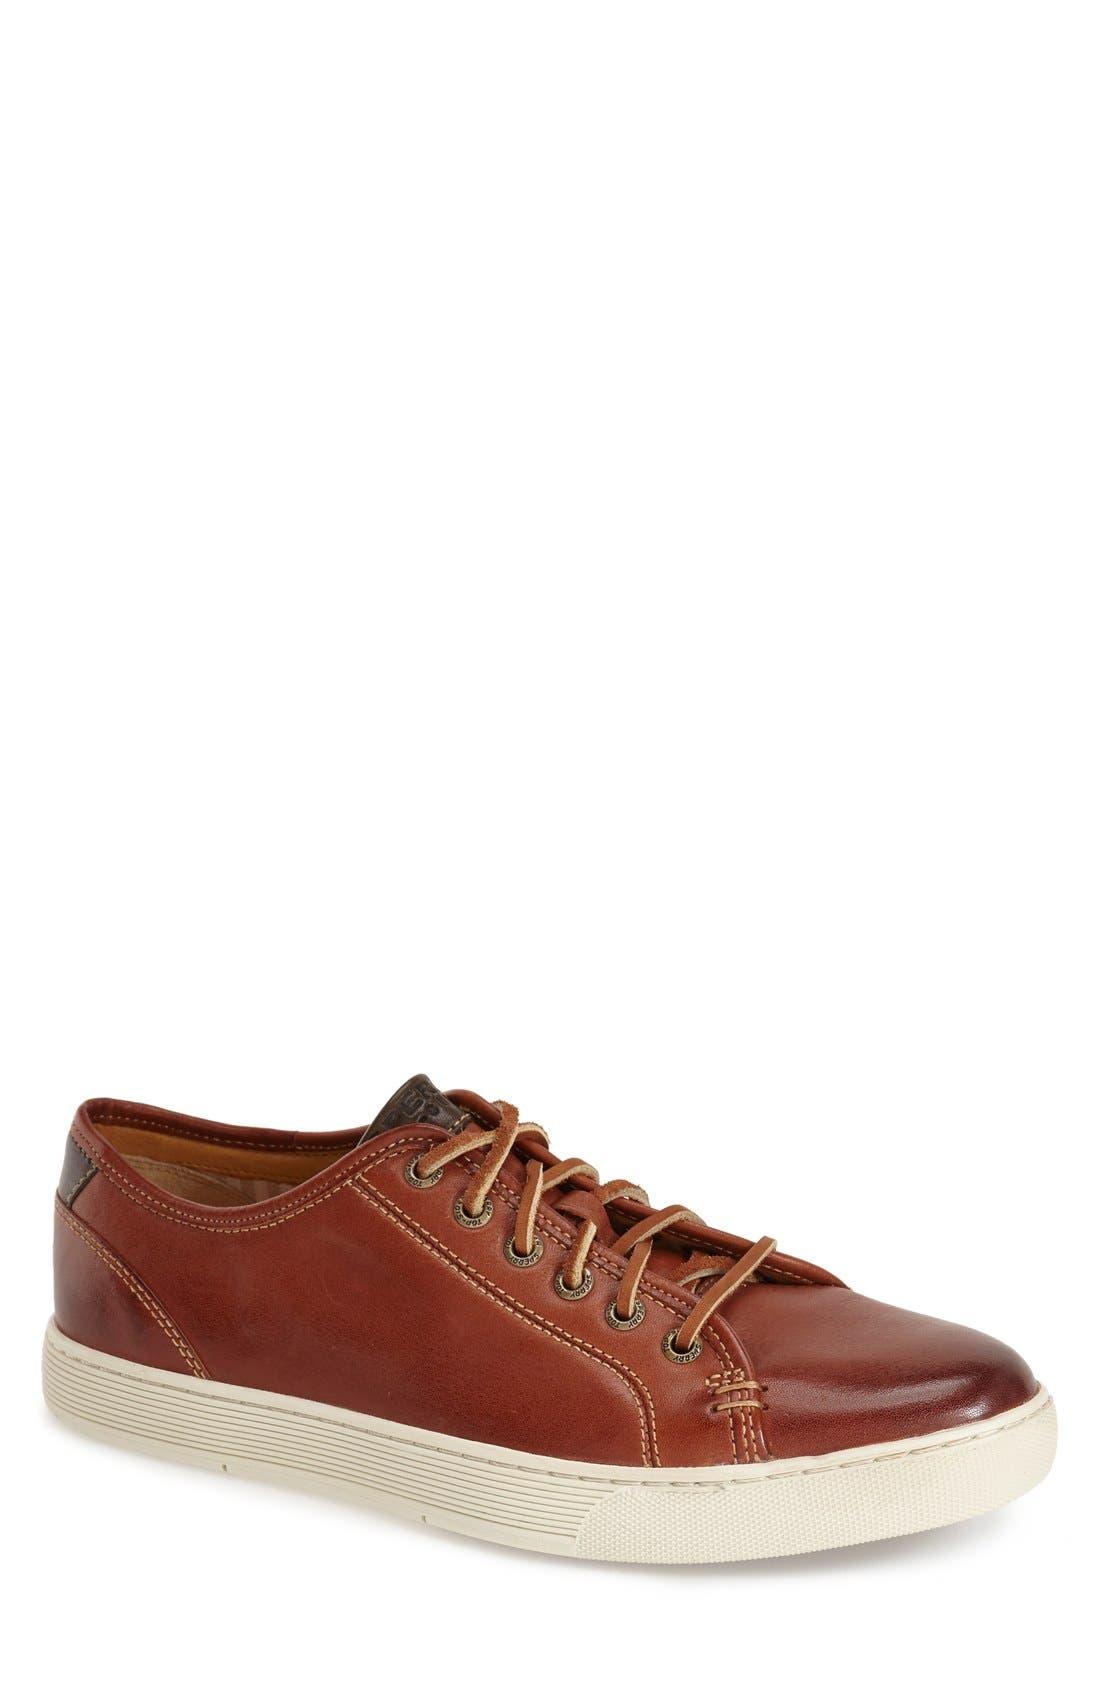 Main Image - Sperry 'Gold Cup - LTT' Sneaker (Men)'